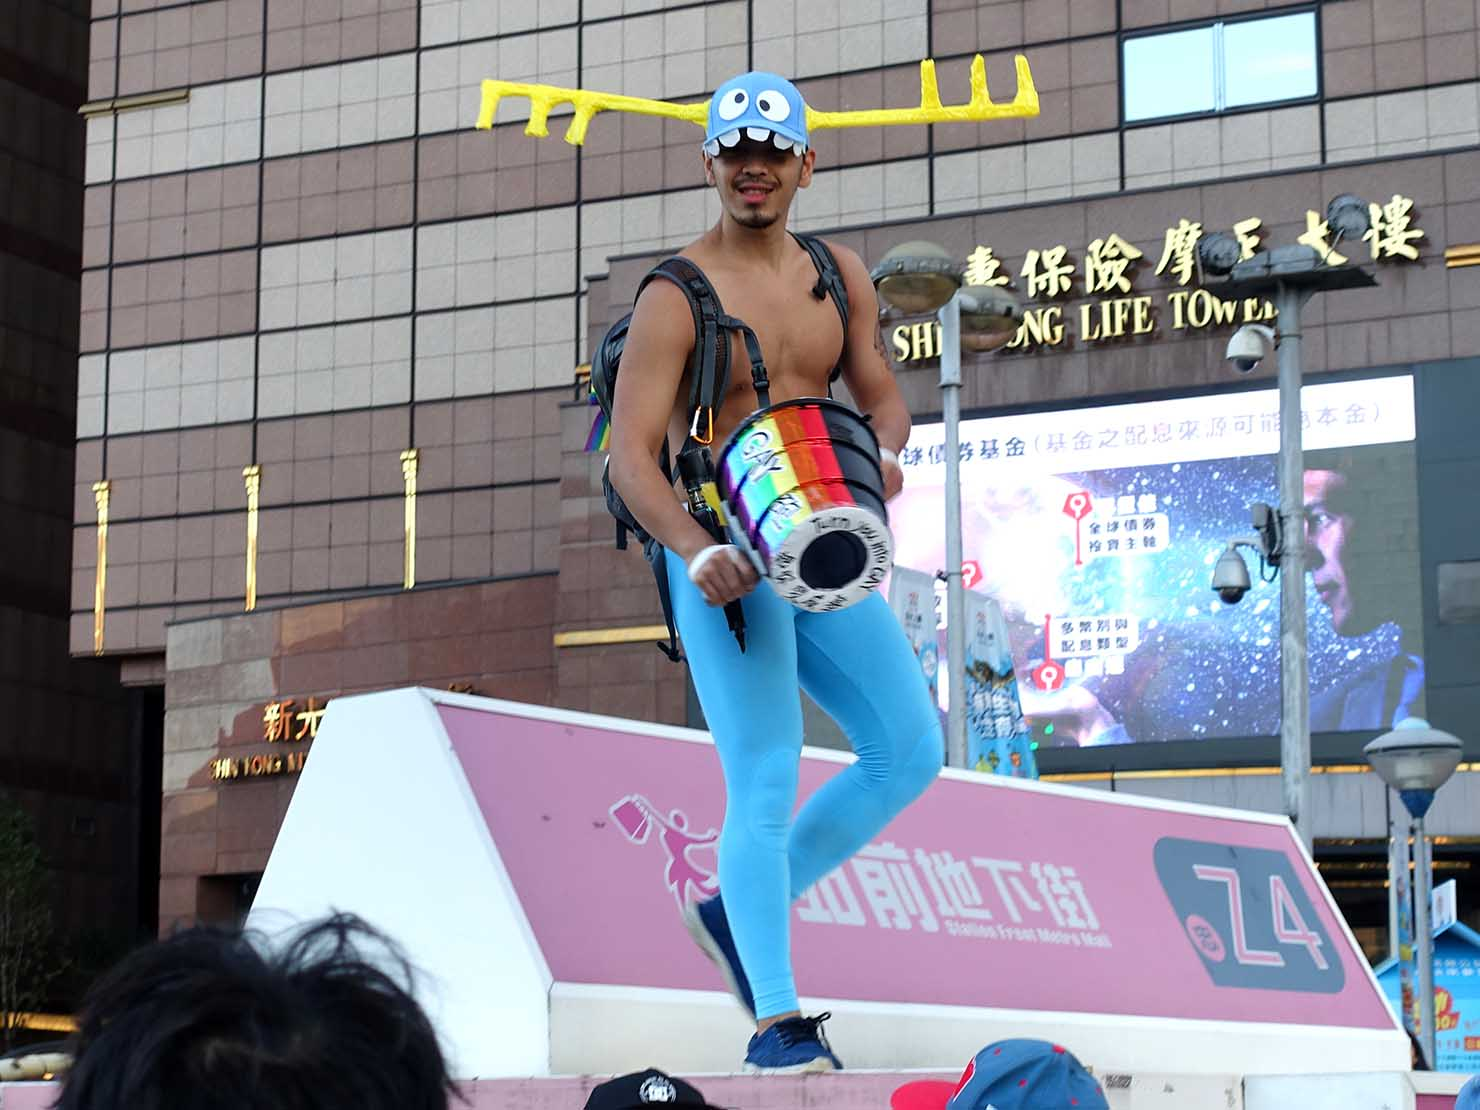 台灣同志遊行(台湾LGBTプライド)2018でいたずらをするお兄さん